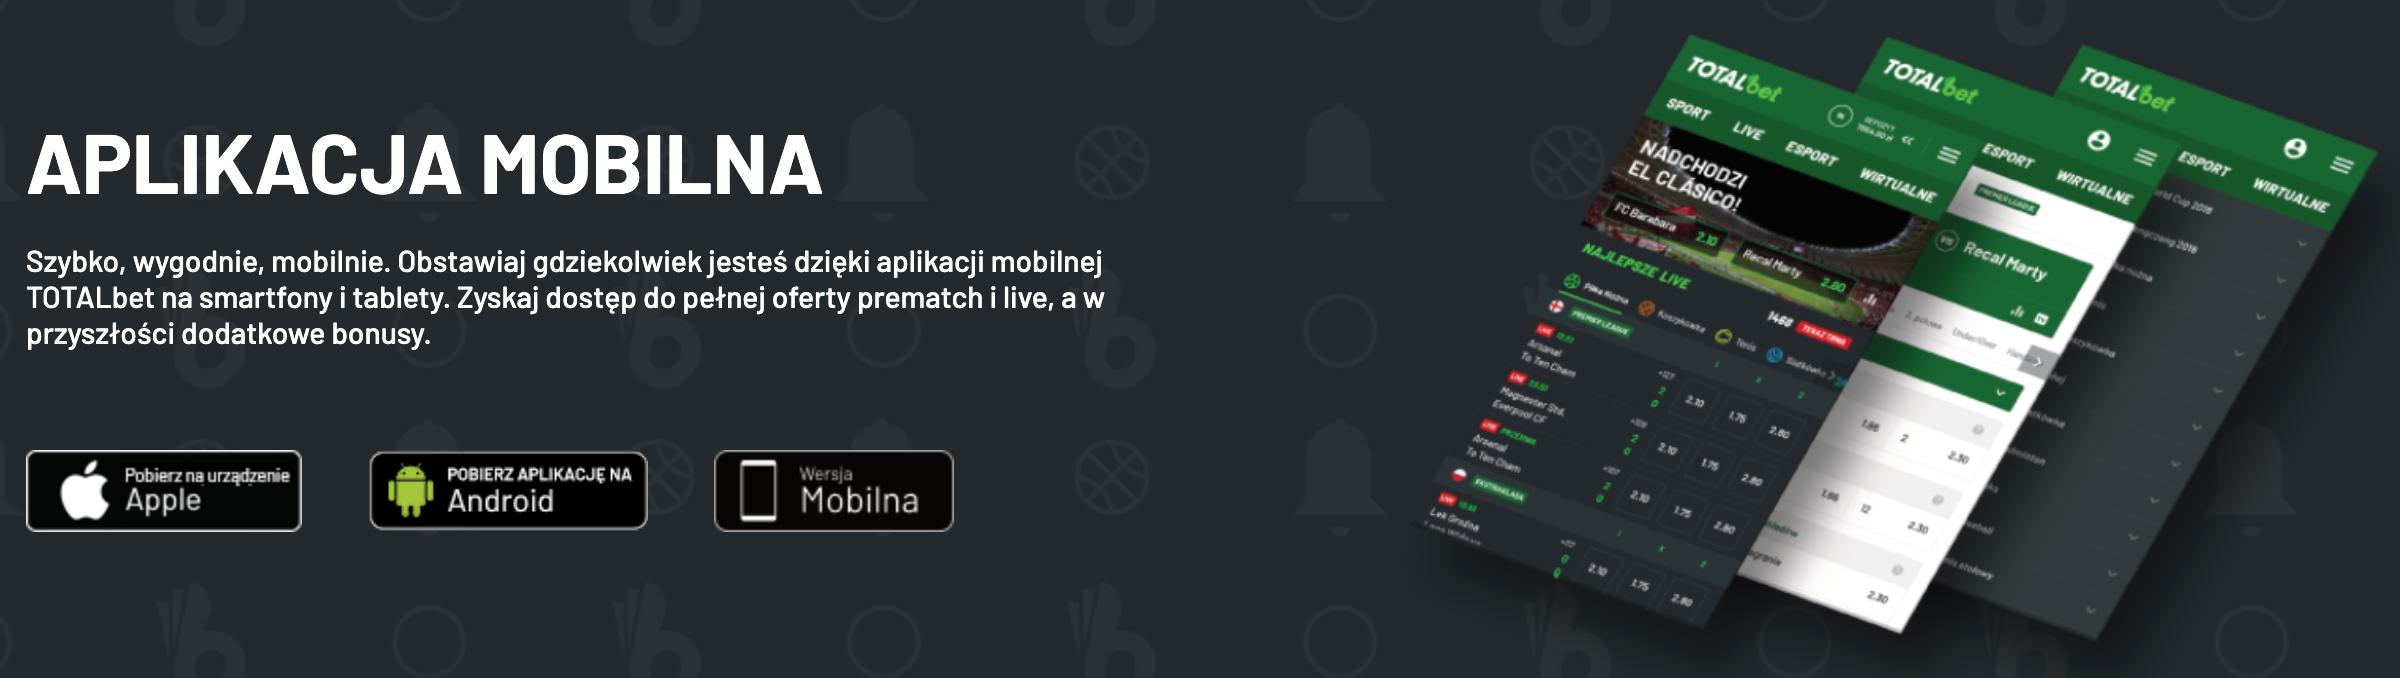 aplikacja totalbet